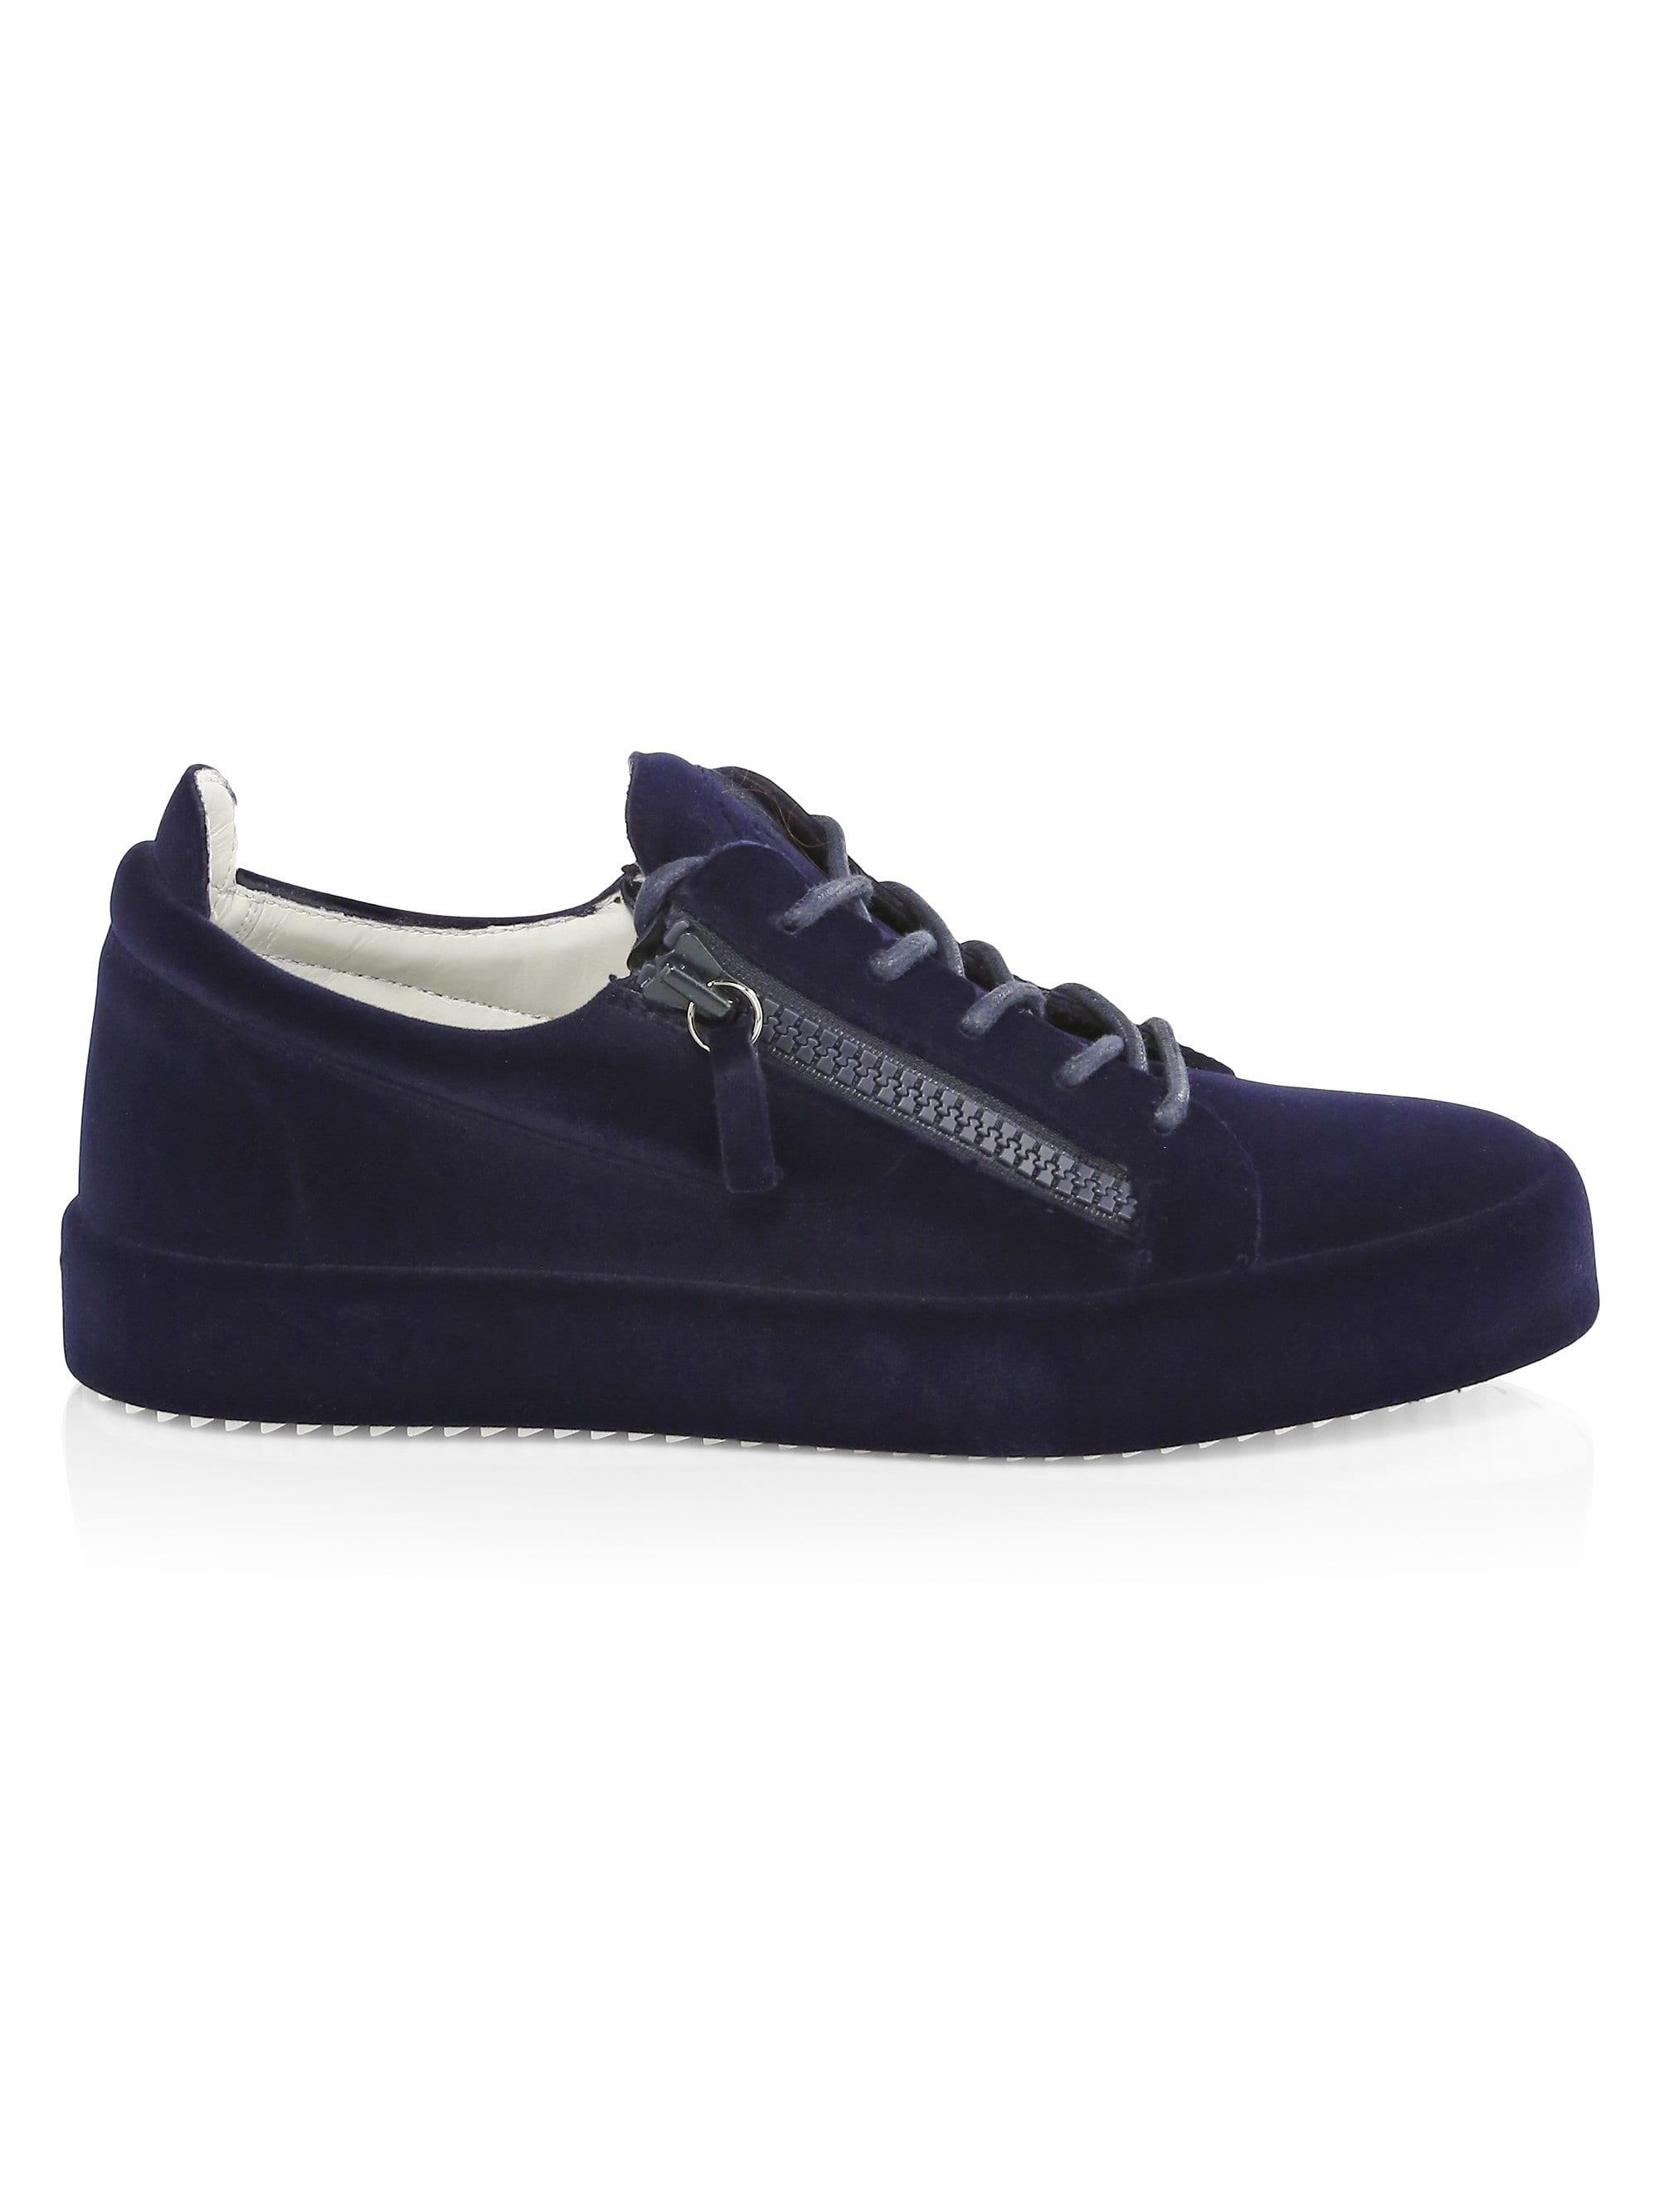 64bd9c24eb558 Giuseppe Zanotti Men's Velvet Flocking Double Zip Sneakers - Smuggy ...